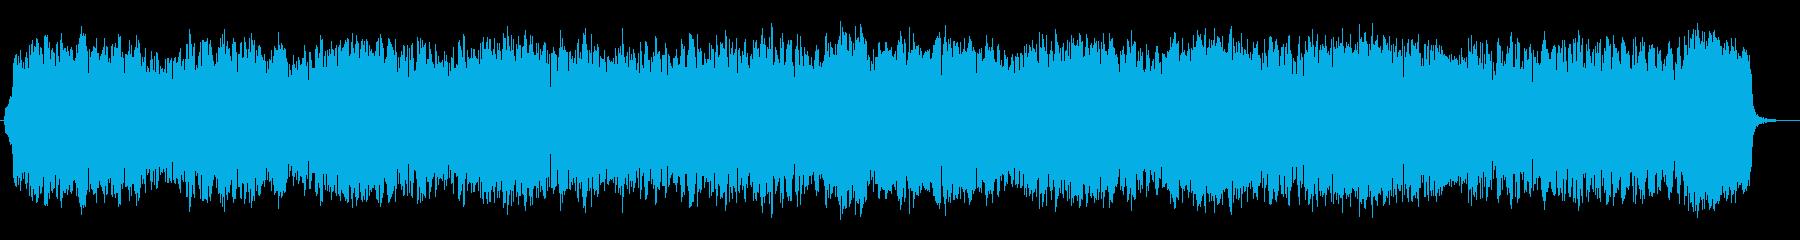 幻想的で情緒的なメロディが特徴のポップスの再生済みの波形